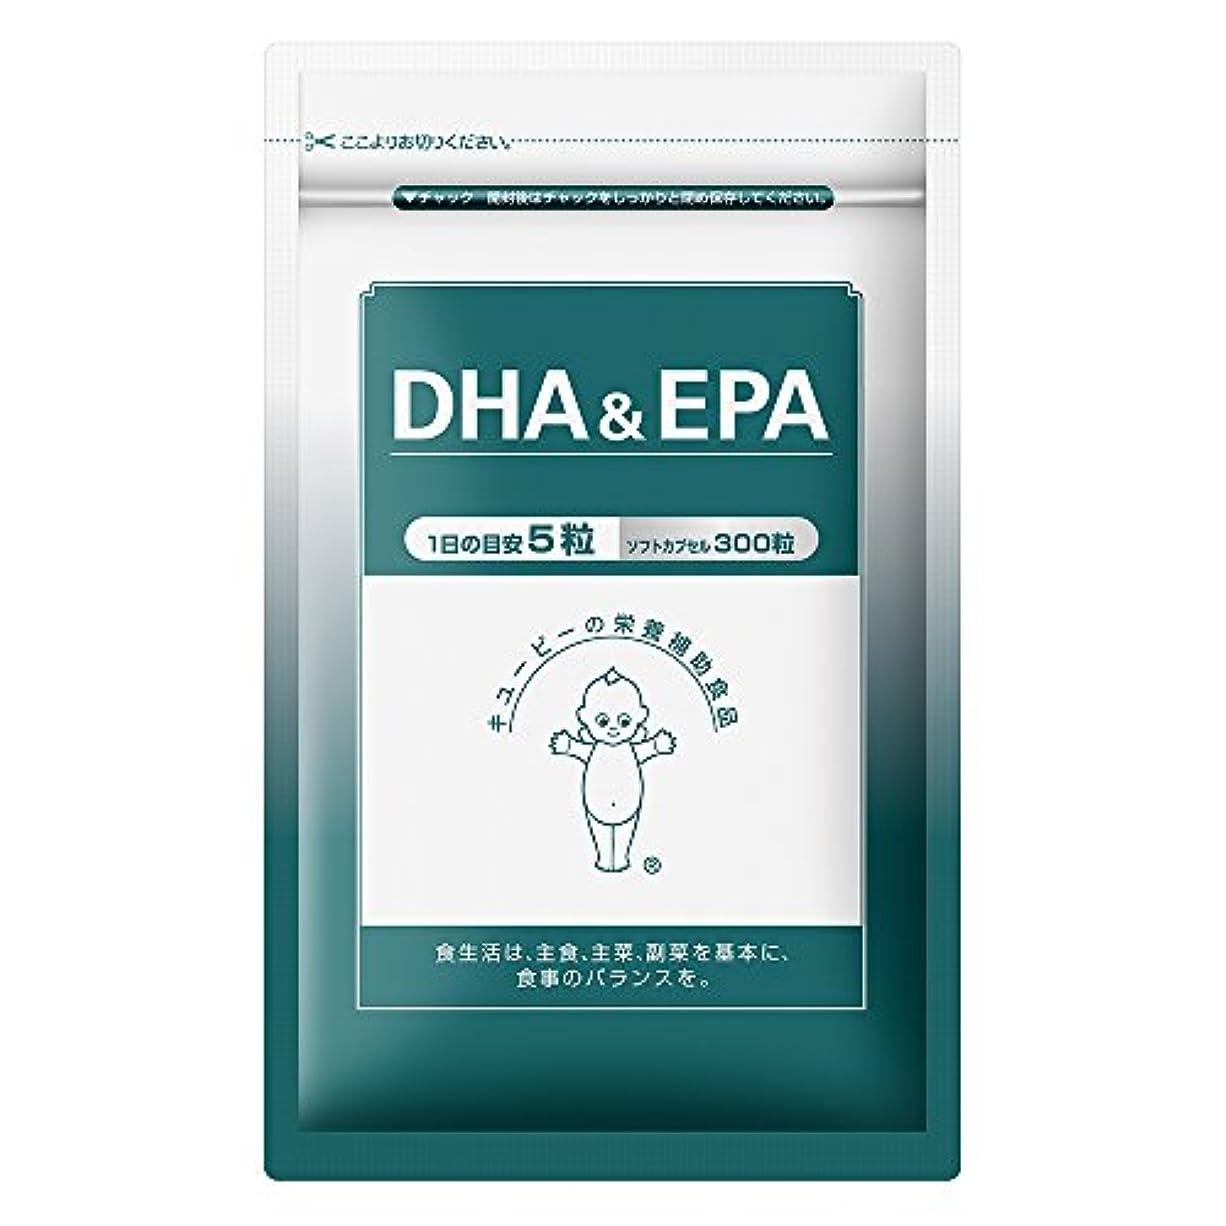 分泌する不変口頭キユーピー DHA&EPA 60日分